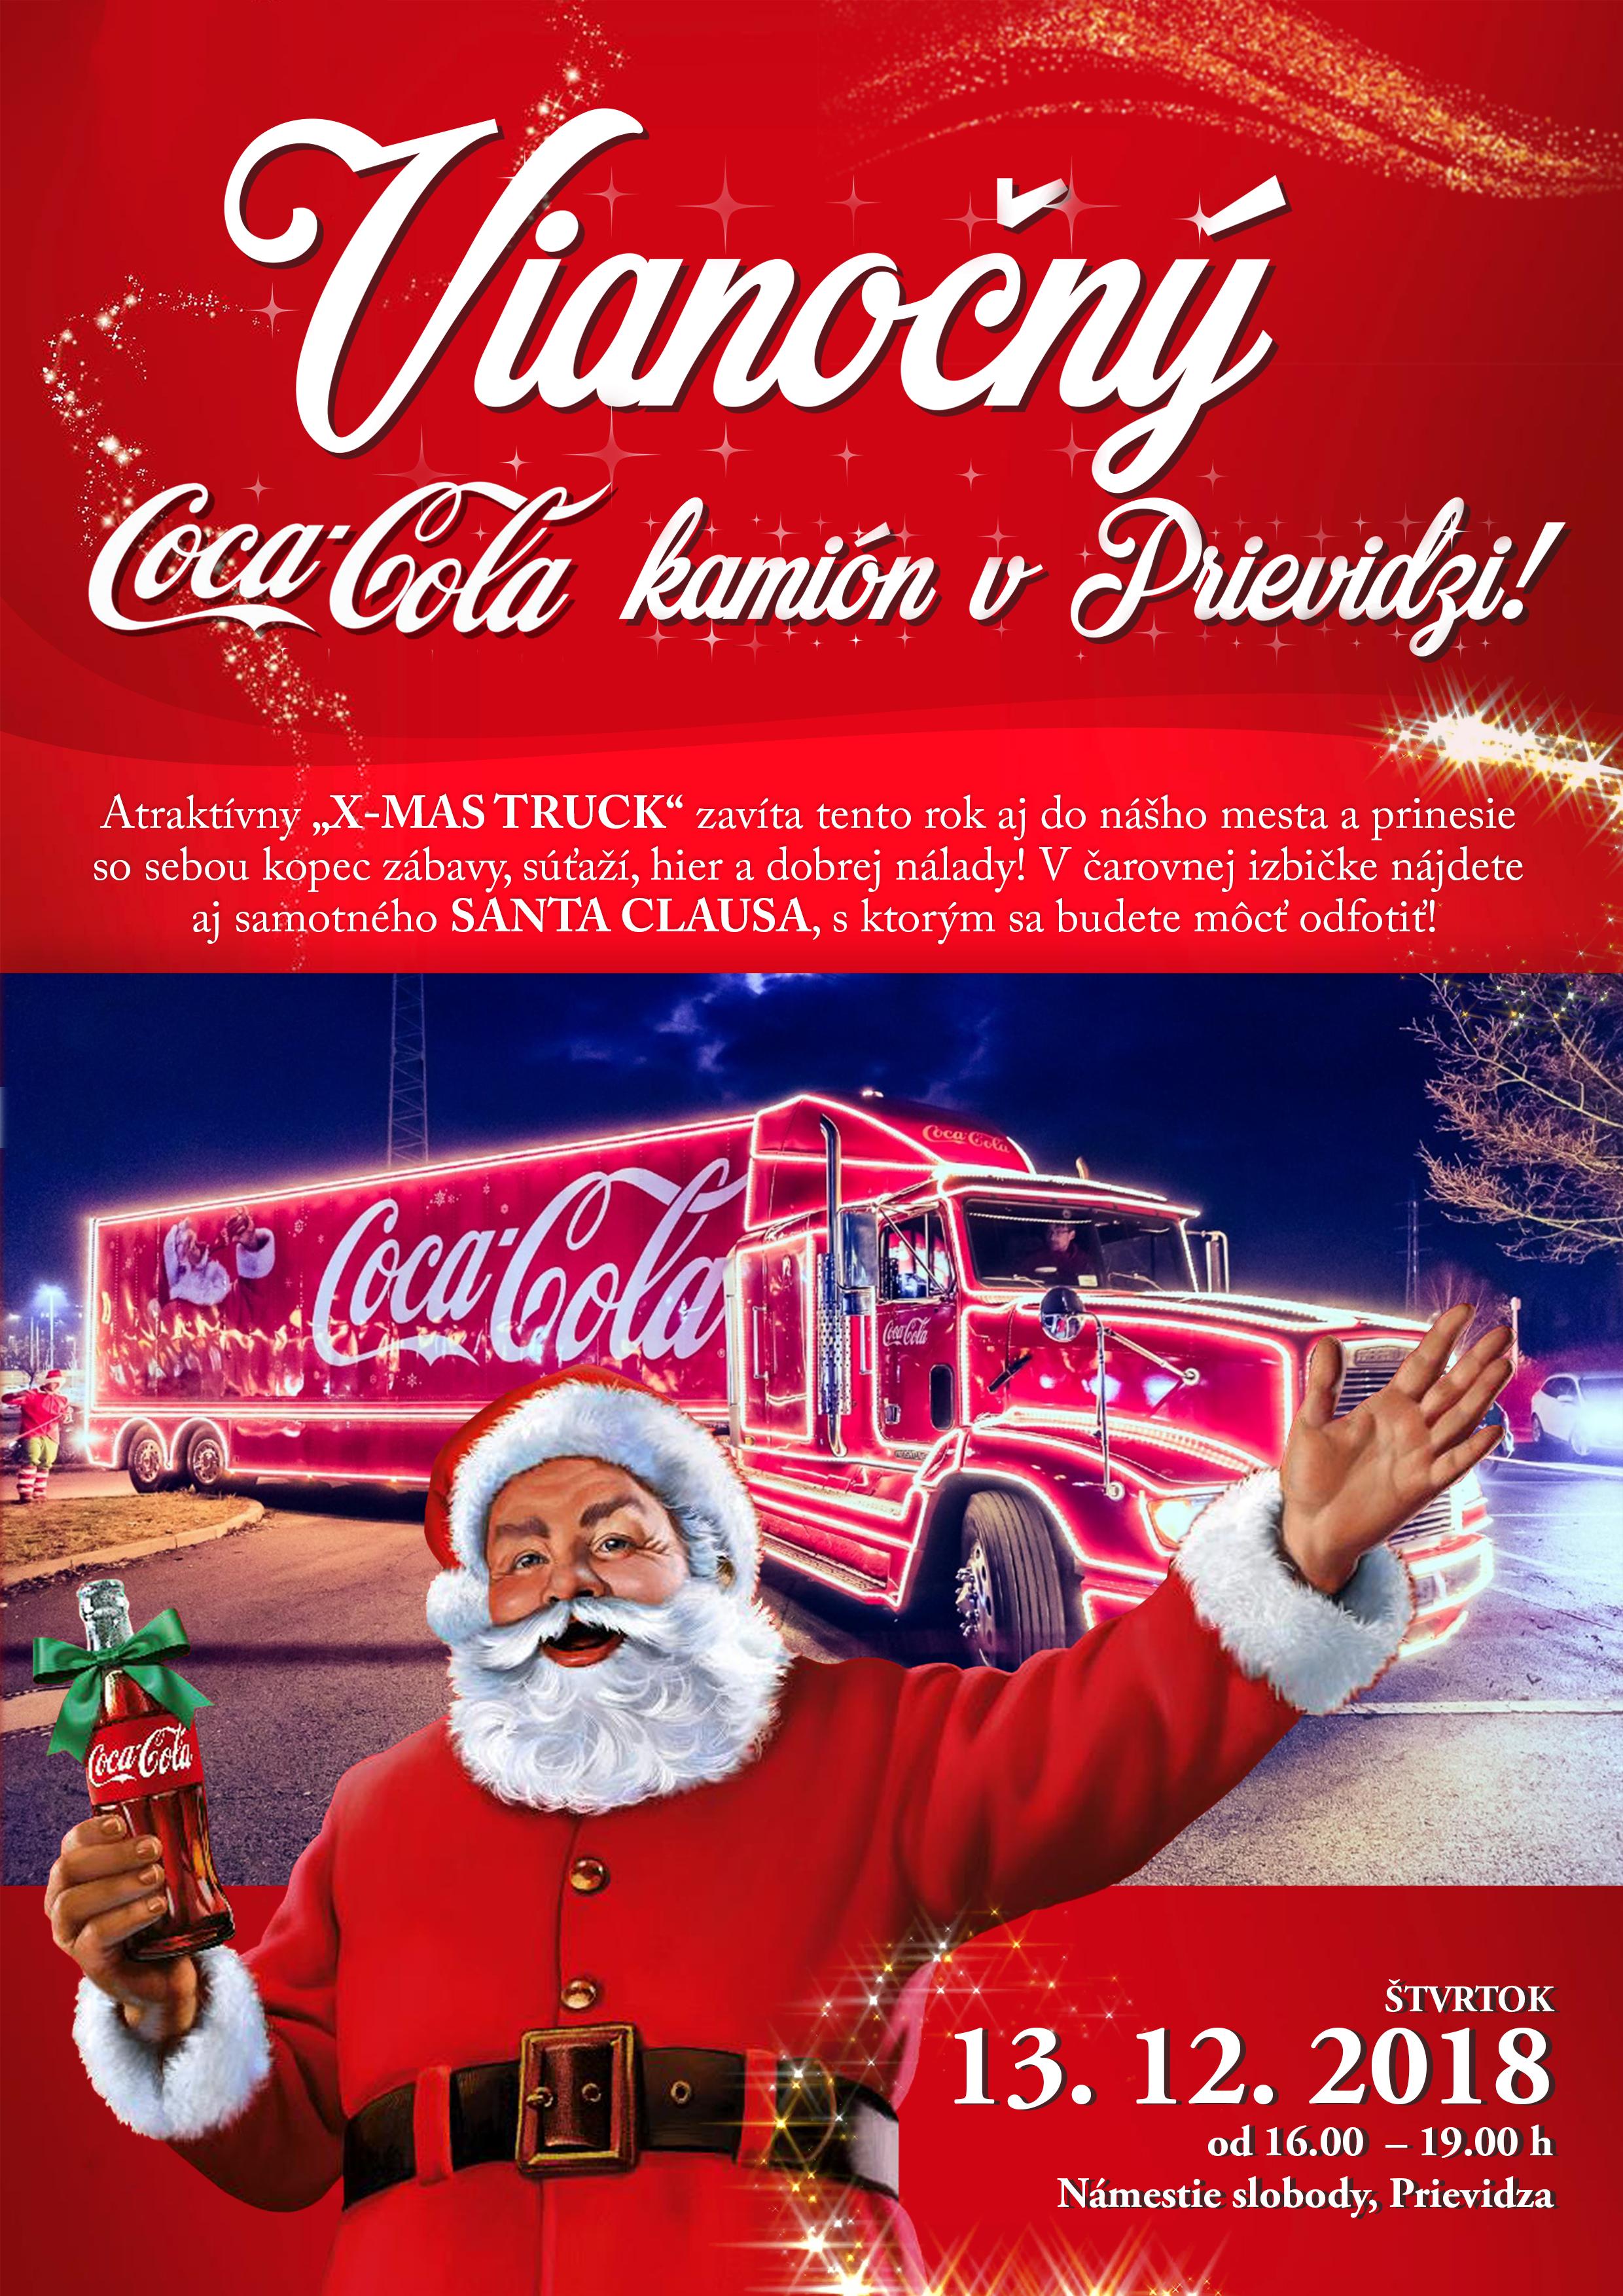 Vianočný Coca-cola kamión v Prievidzi!